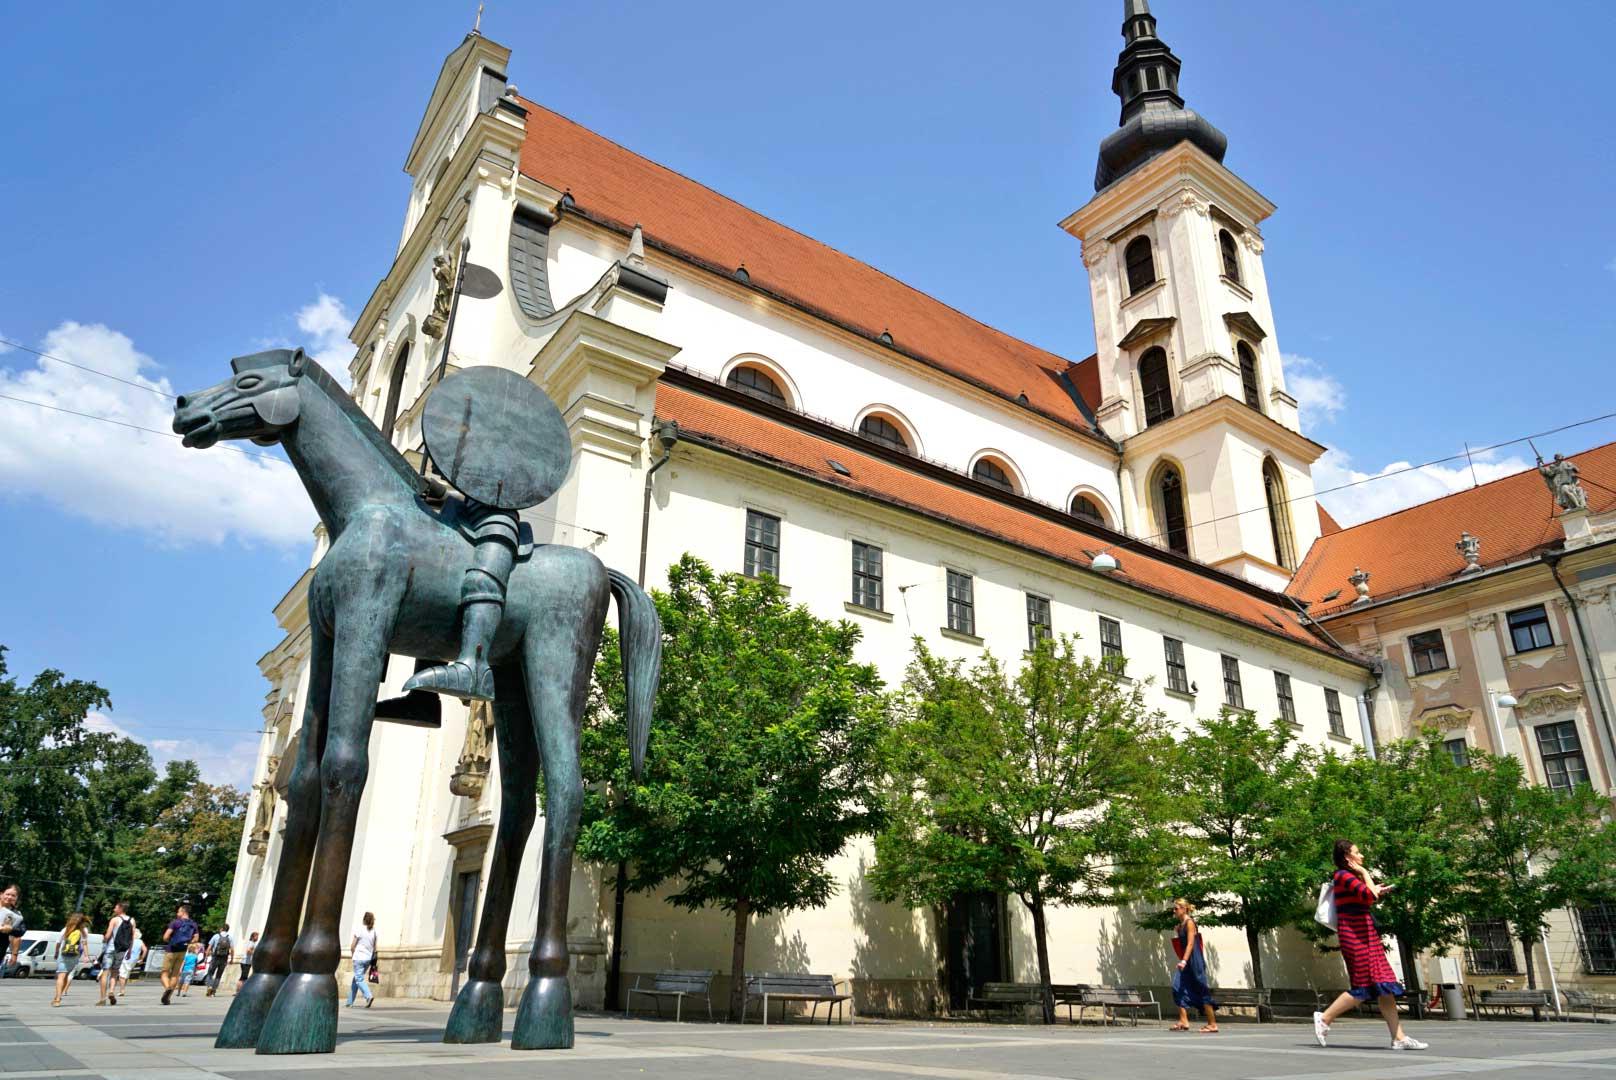 Valentia es el nombre de una de las estatuas que está en el casco antiguo de Brno